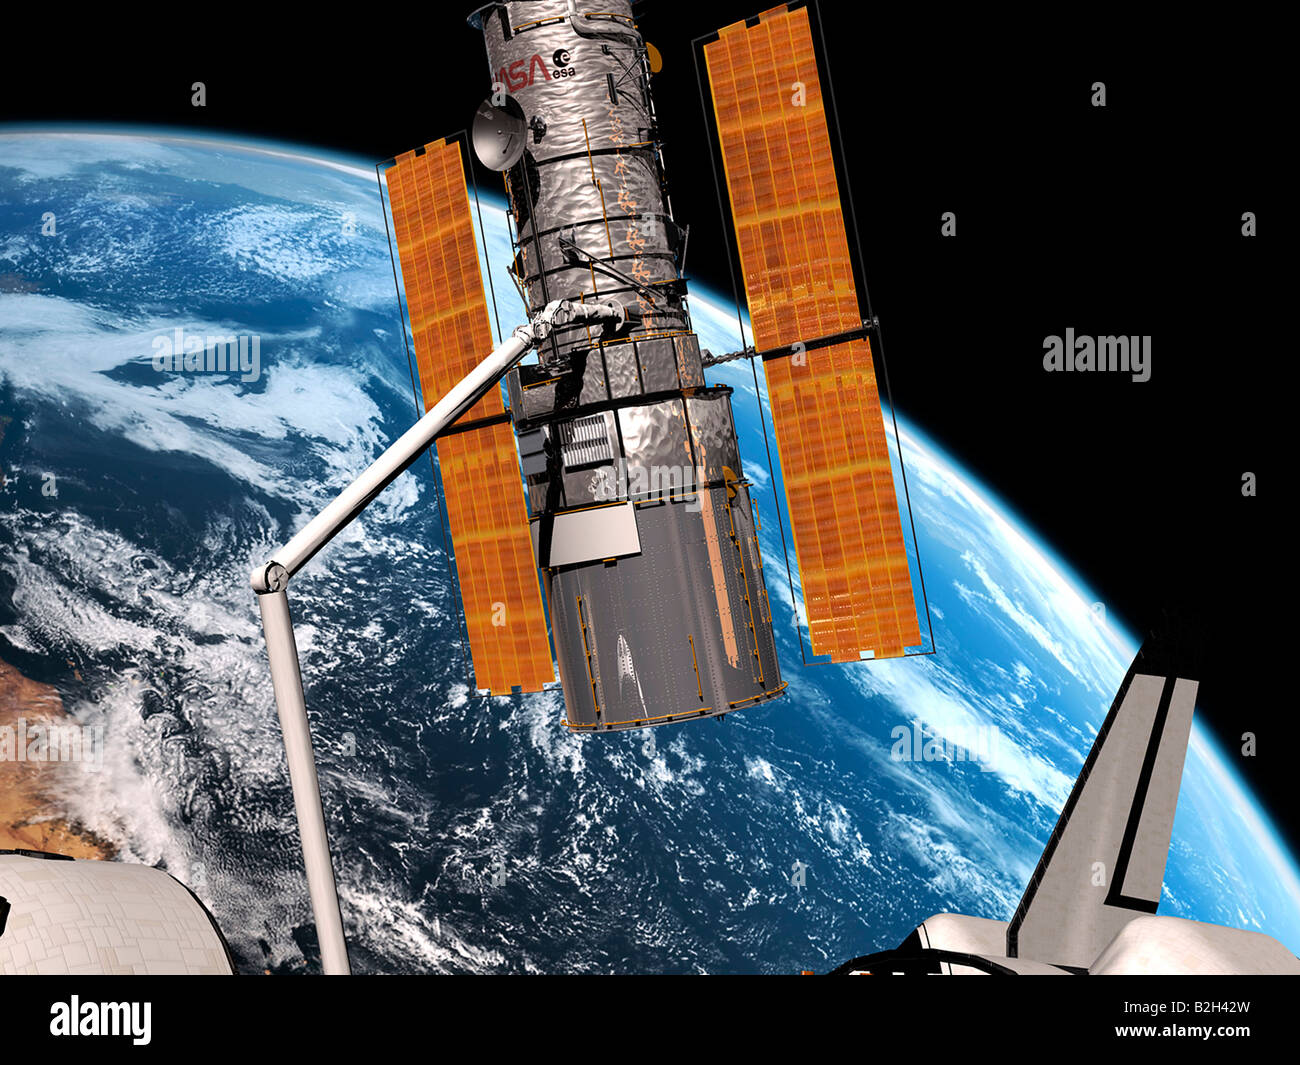 space shuttle hubble - photo #11